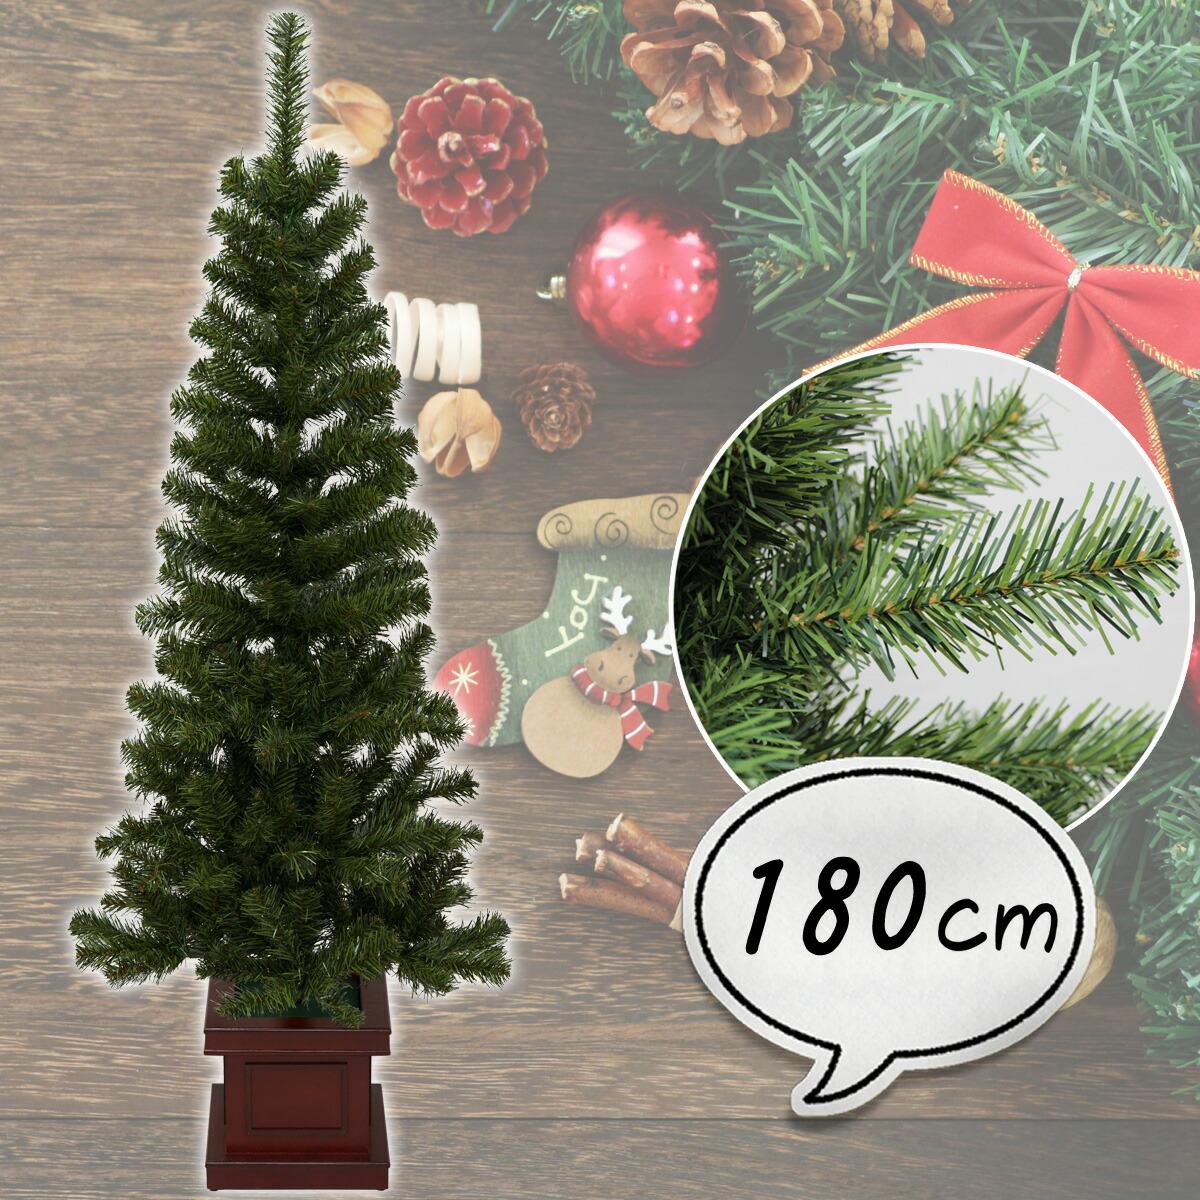 【8/8~8/16】夏期休暇 クリスマスツリー 180cm 木製ポットツリー スリム ウッドベースツリー ツリーの木 ポットツリー 北欧 おしゃれ ウッドベース